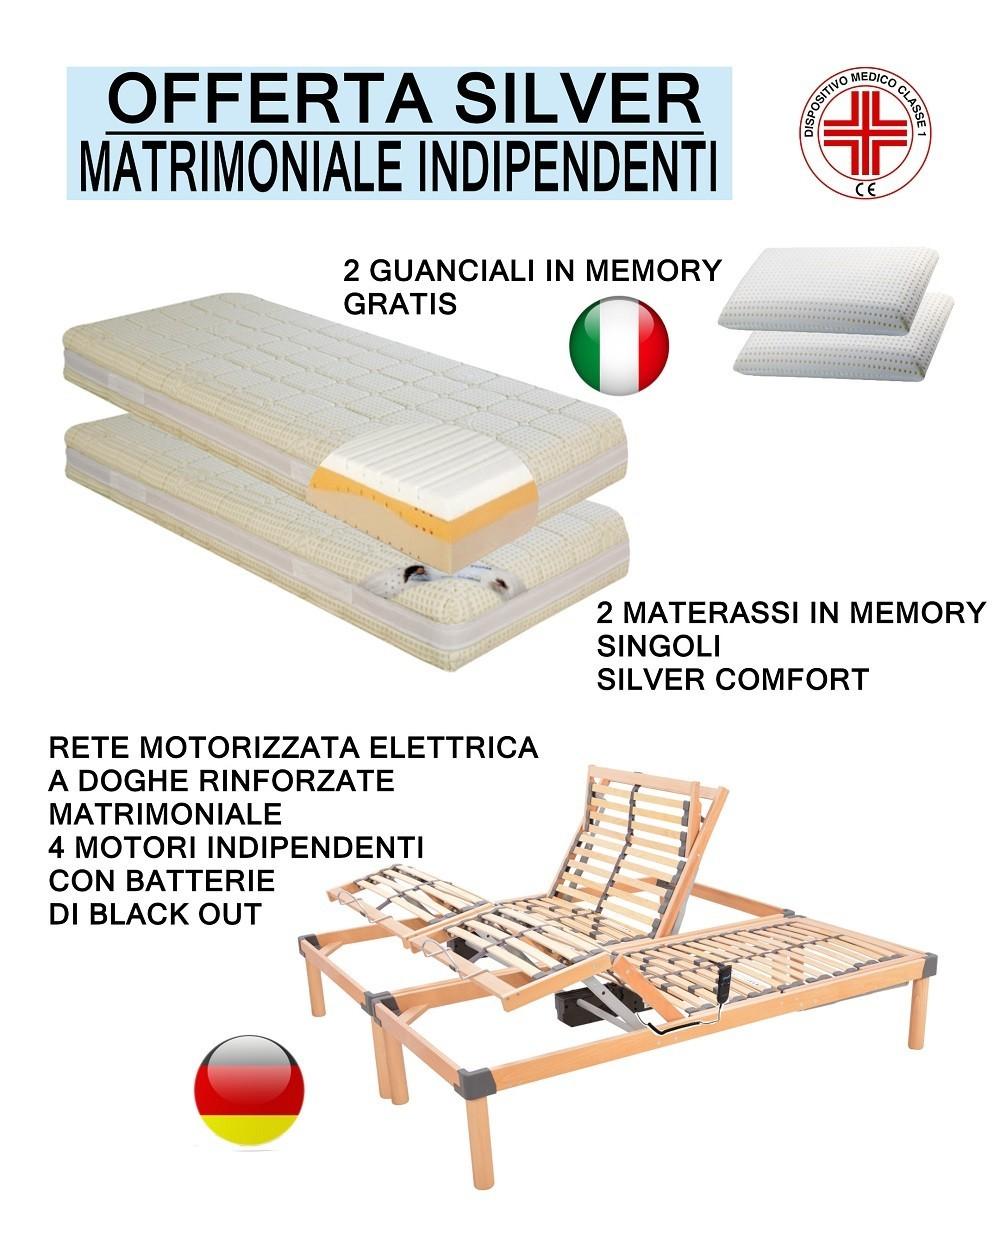 Materassi Terracina.Offerta Silver Memory Rete Motorizzata A Doghe Con Due Materassi Si